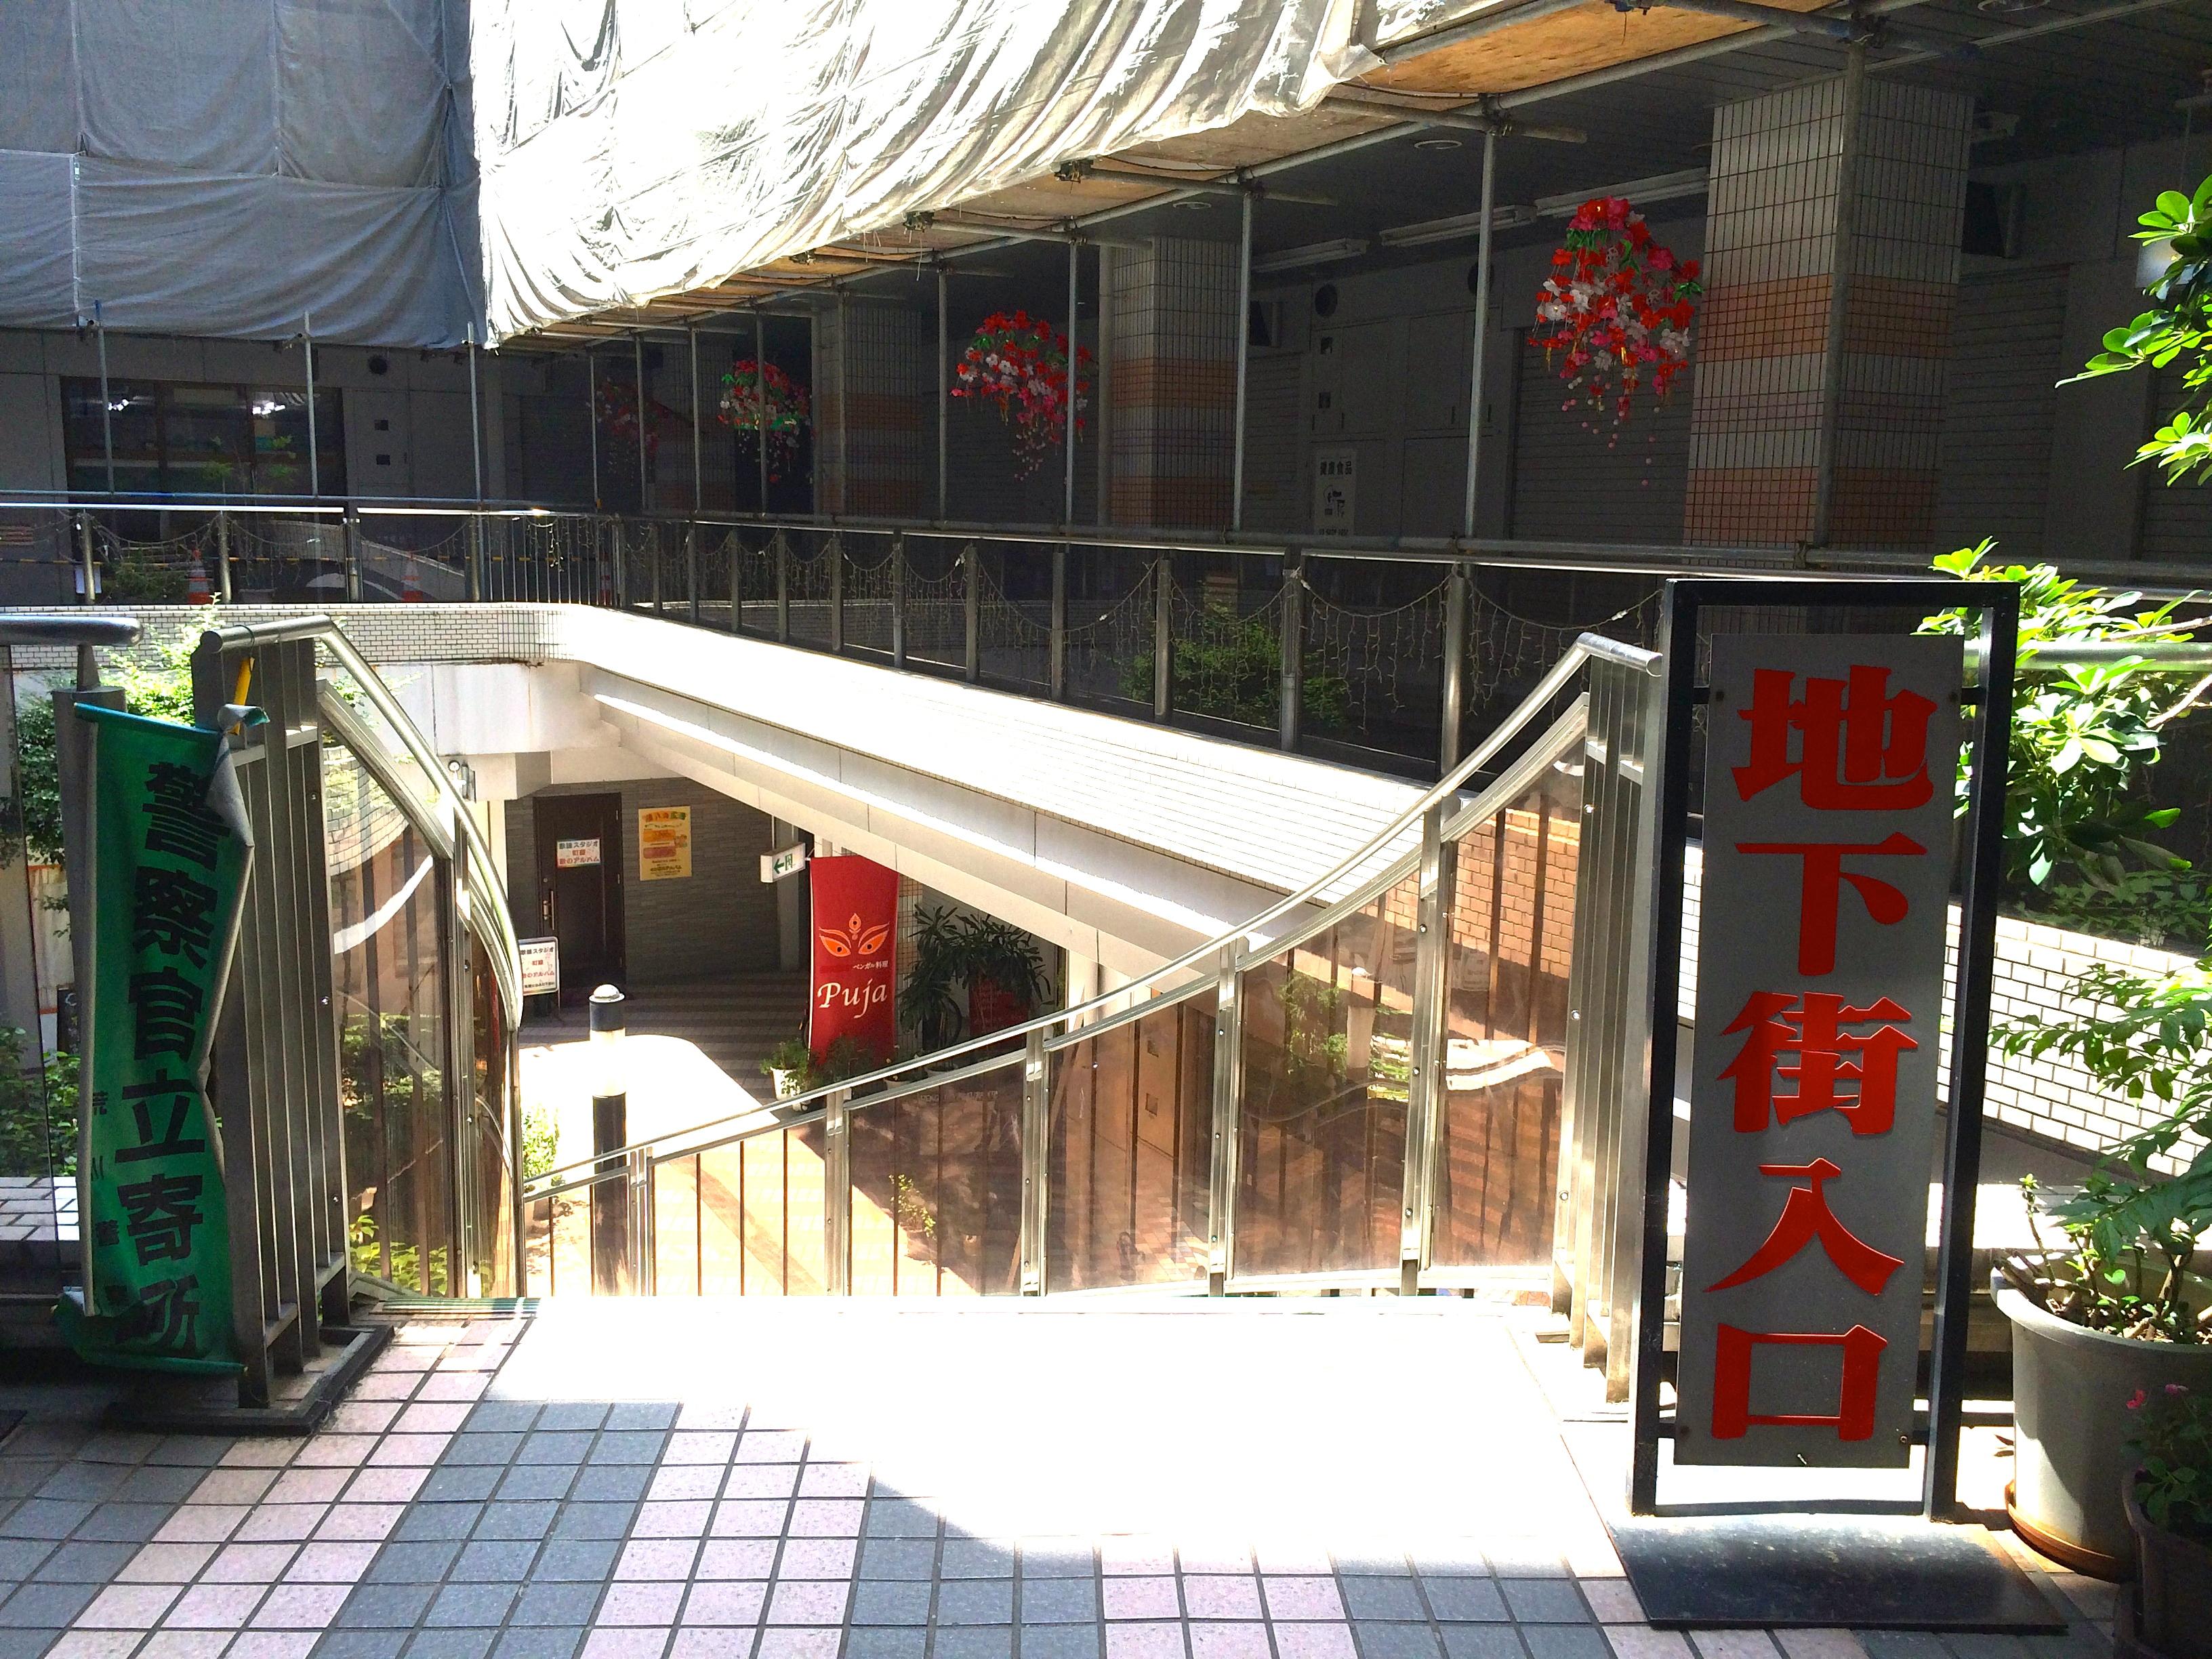 (移行済み)荒川カレー図鑑:都内屈指のベンガル料理店が町屋に!「Puja(プージャー)」